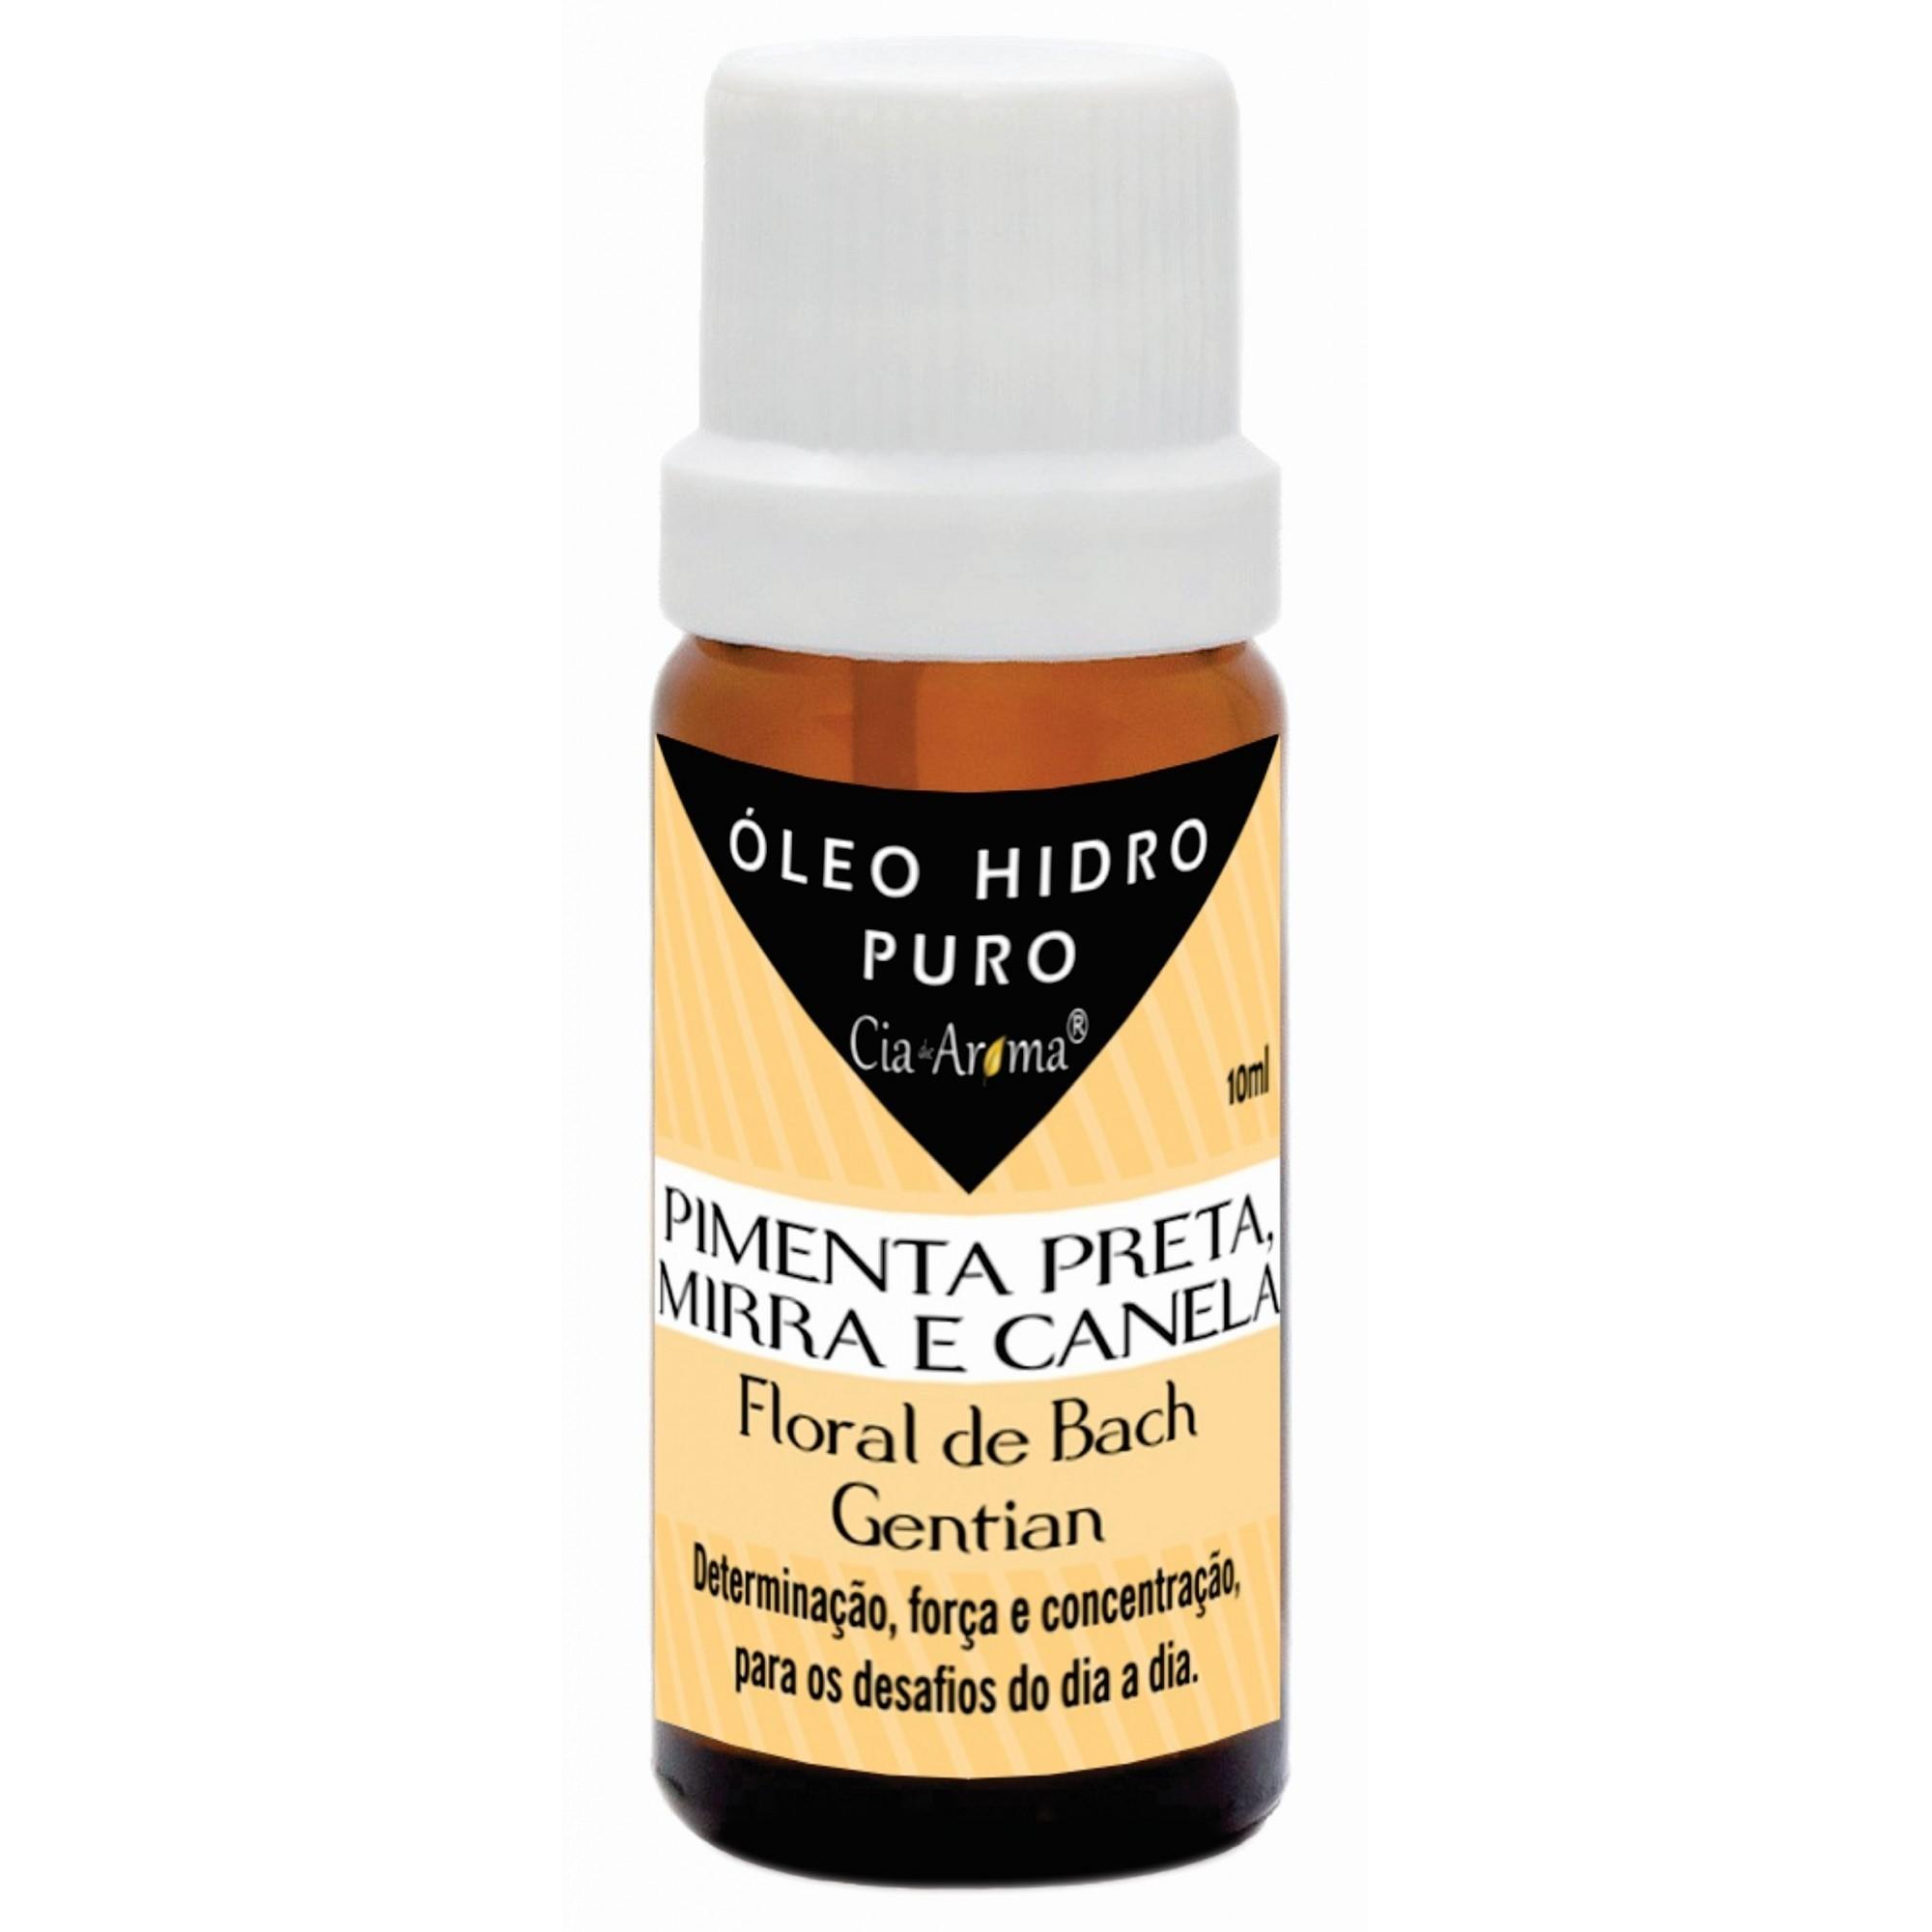 Essência Mirra, Canela e Pimenta Preta | Óleo Hidrossolúvel Puro | 10 ml